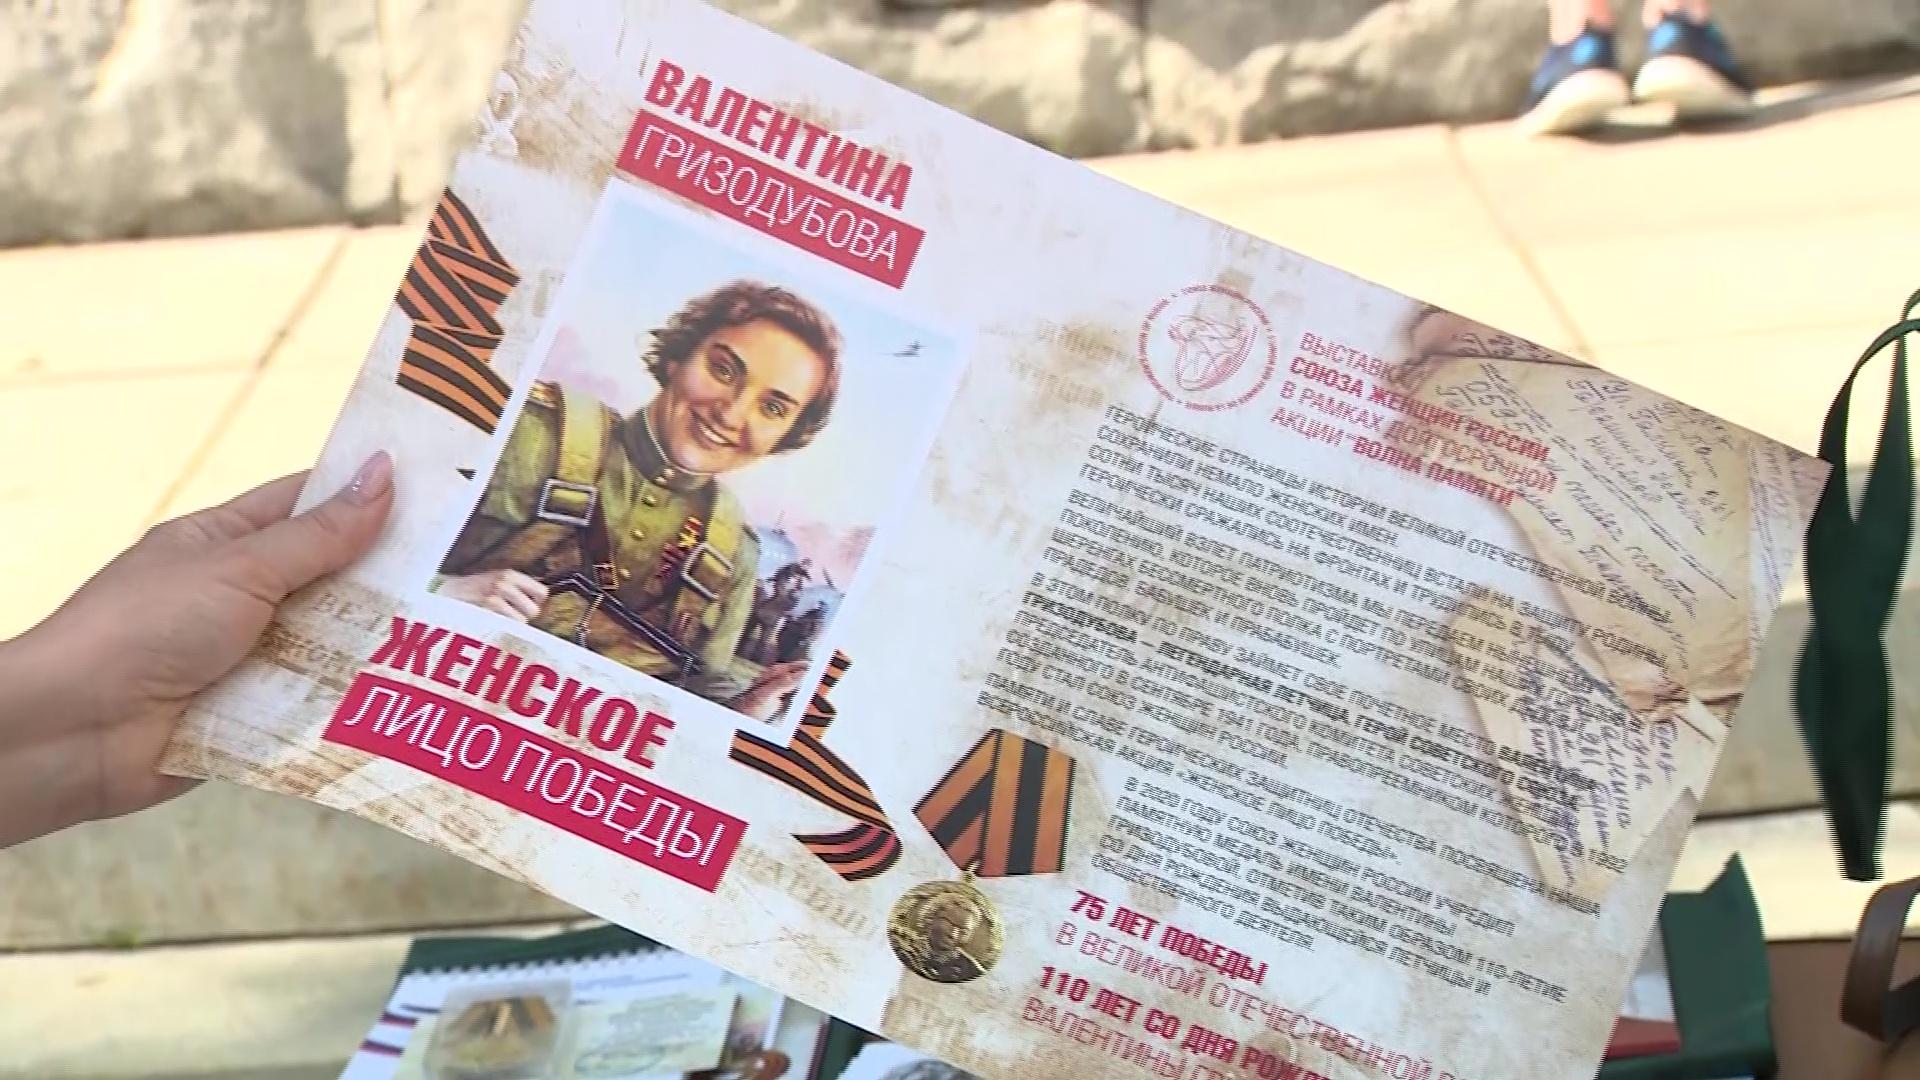 В Ярославле наградили тех, кто внес значительный вклад в патриотическое воспитание молодежи